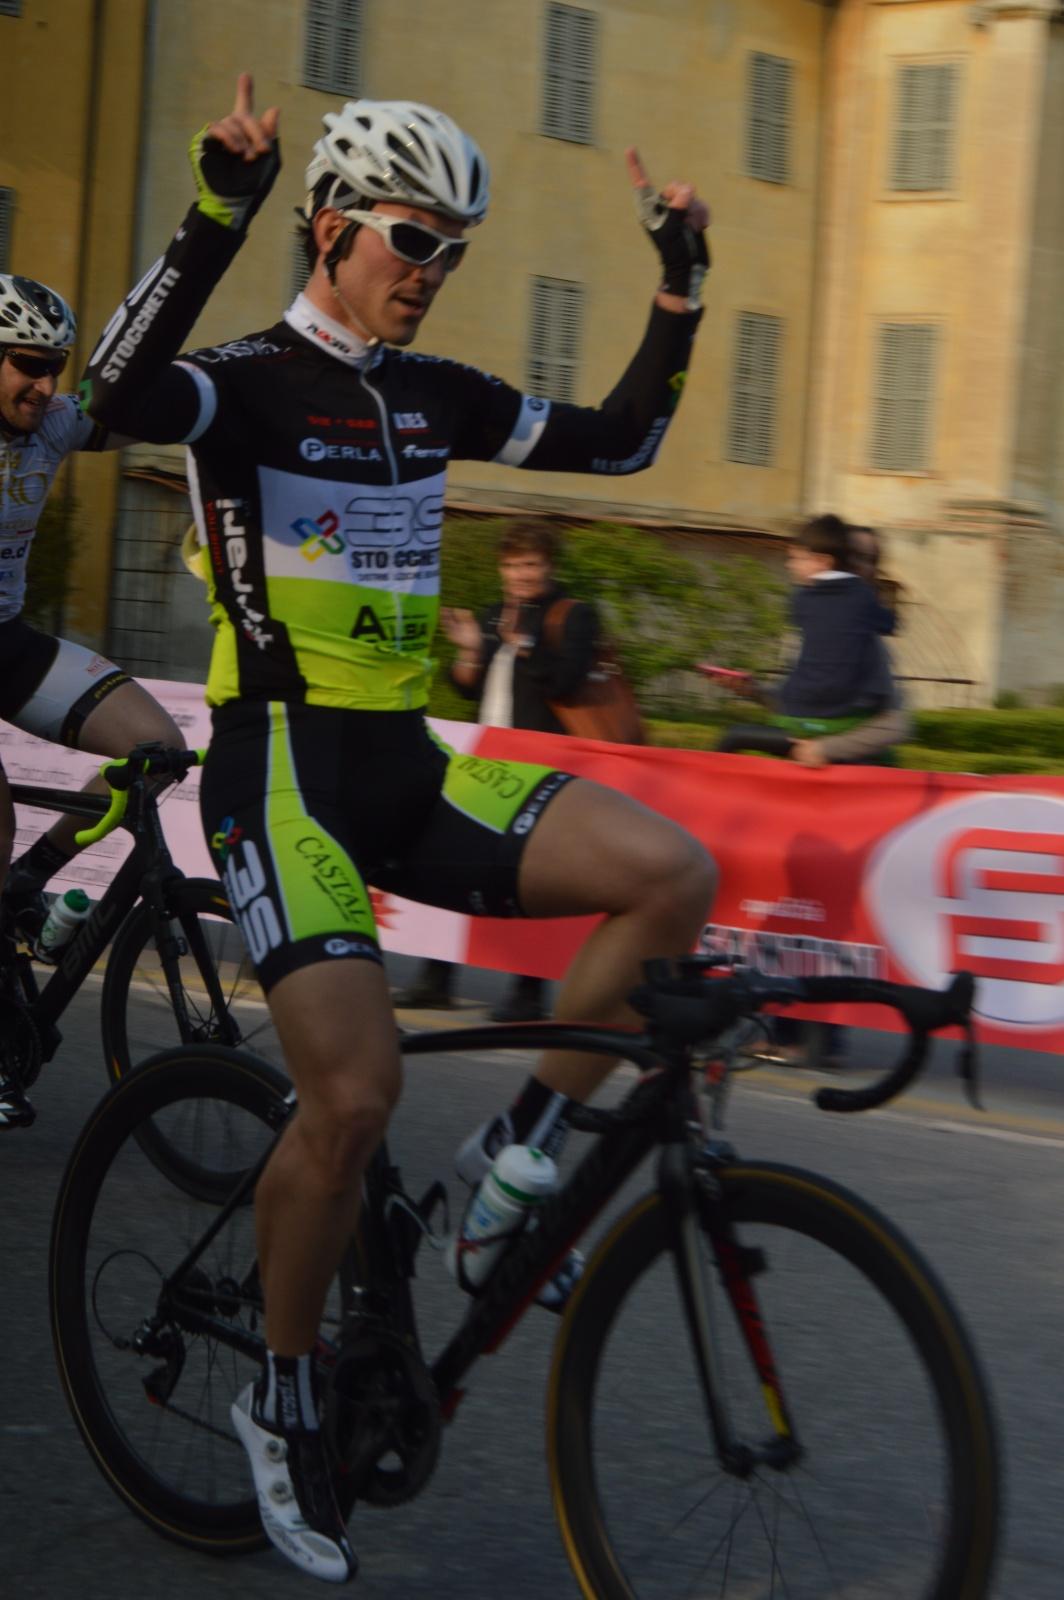 Giulia Bertoletti